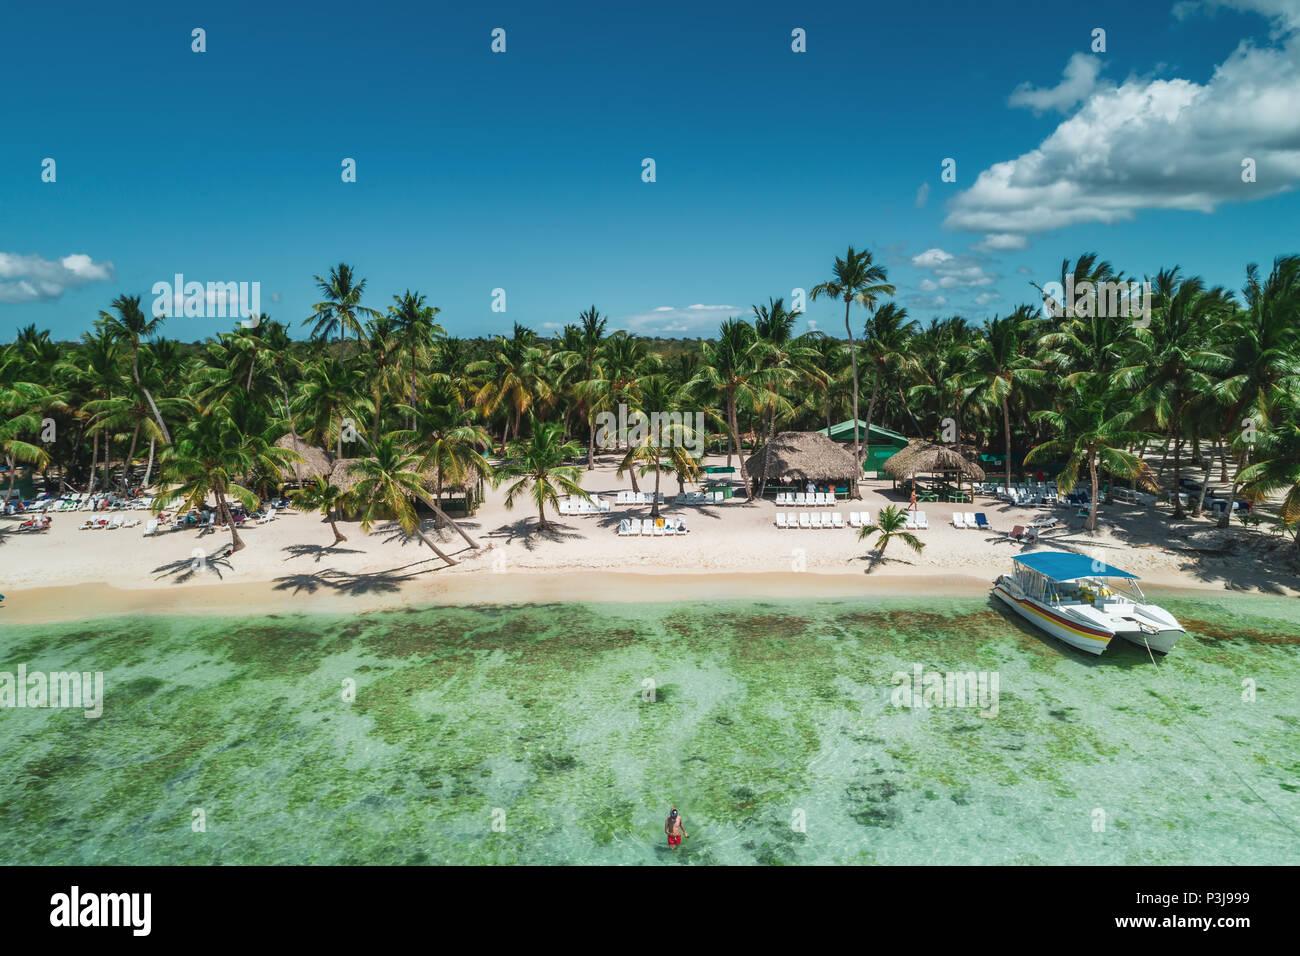 Vista aerea di Tropical Island Beach, Repubblica Dominicana Immagini Stock